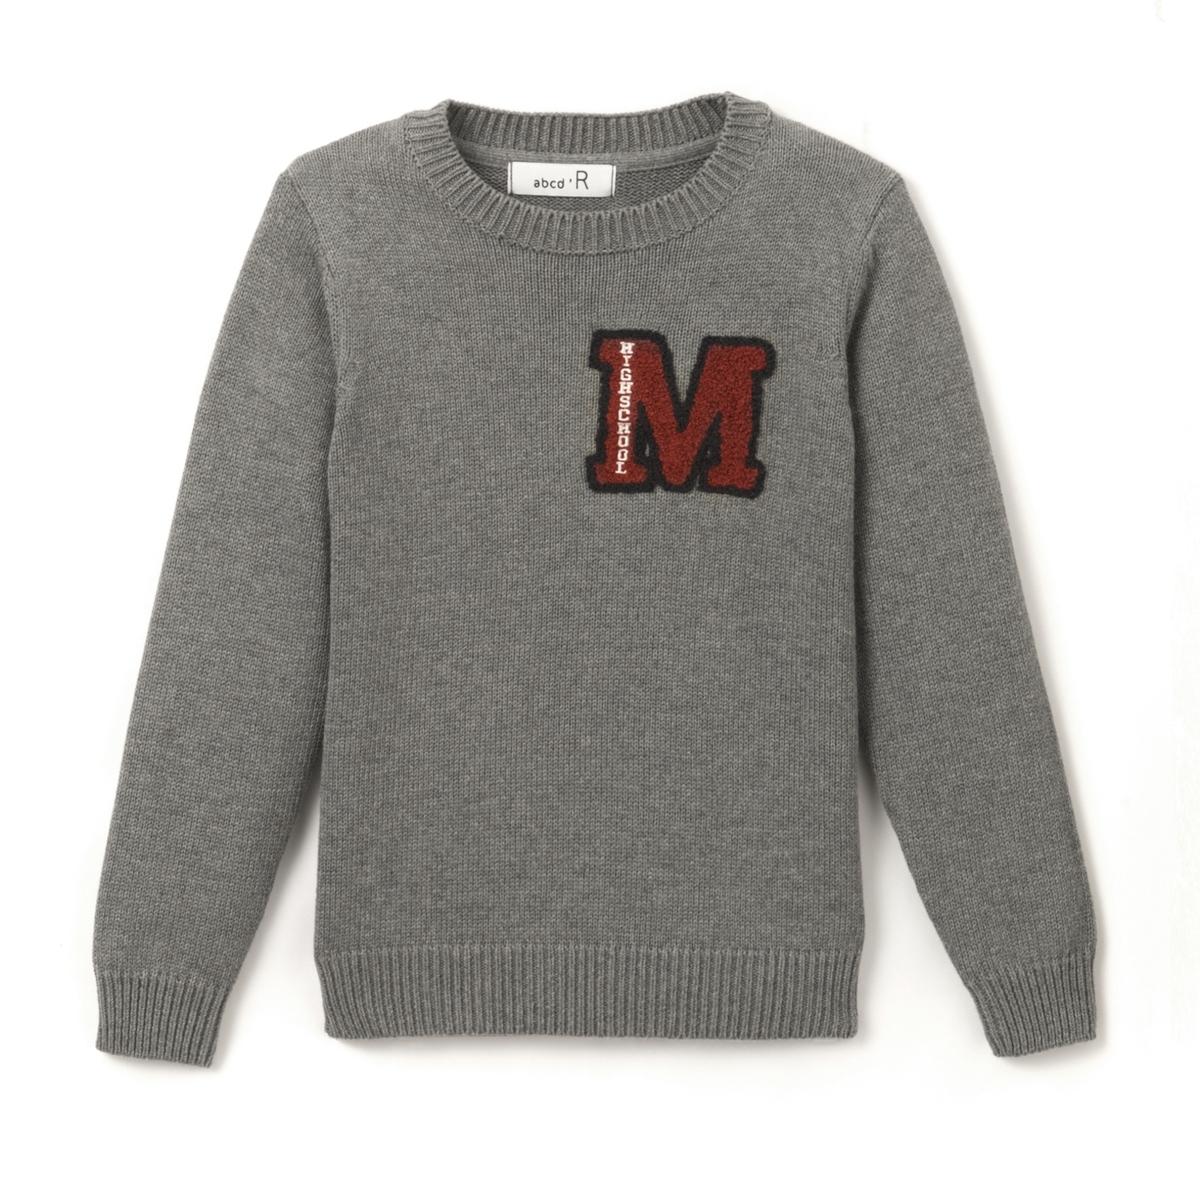 Пуловер в стиле тедди, 3-12 лет